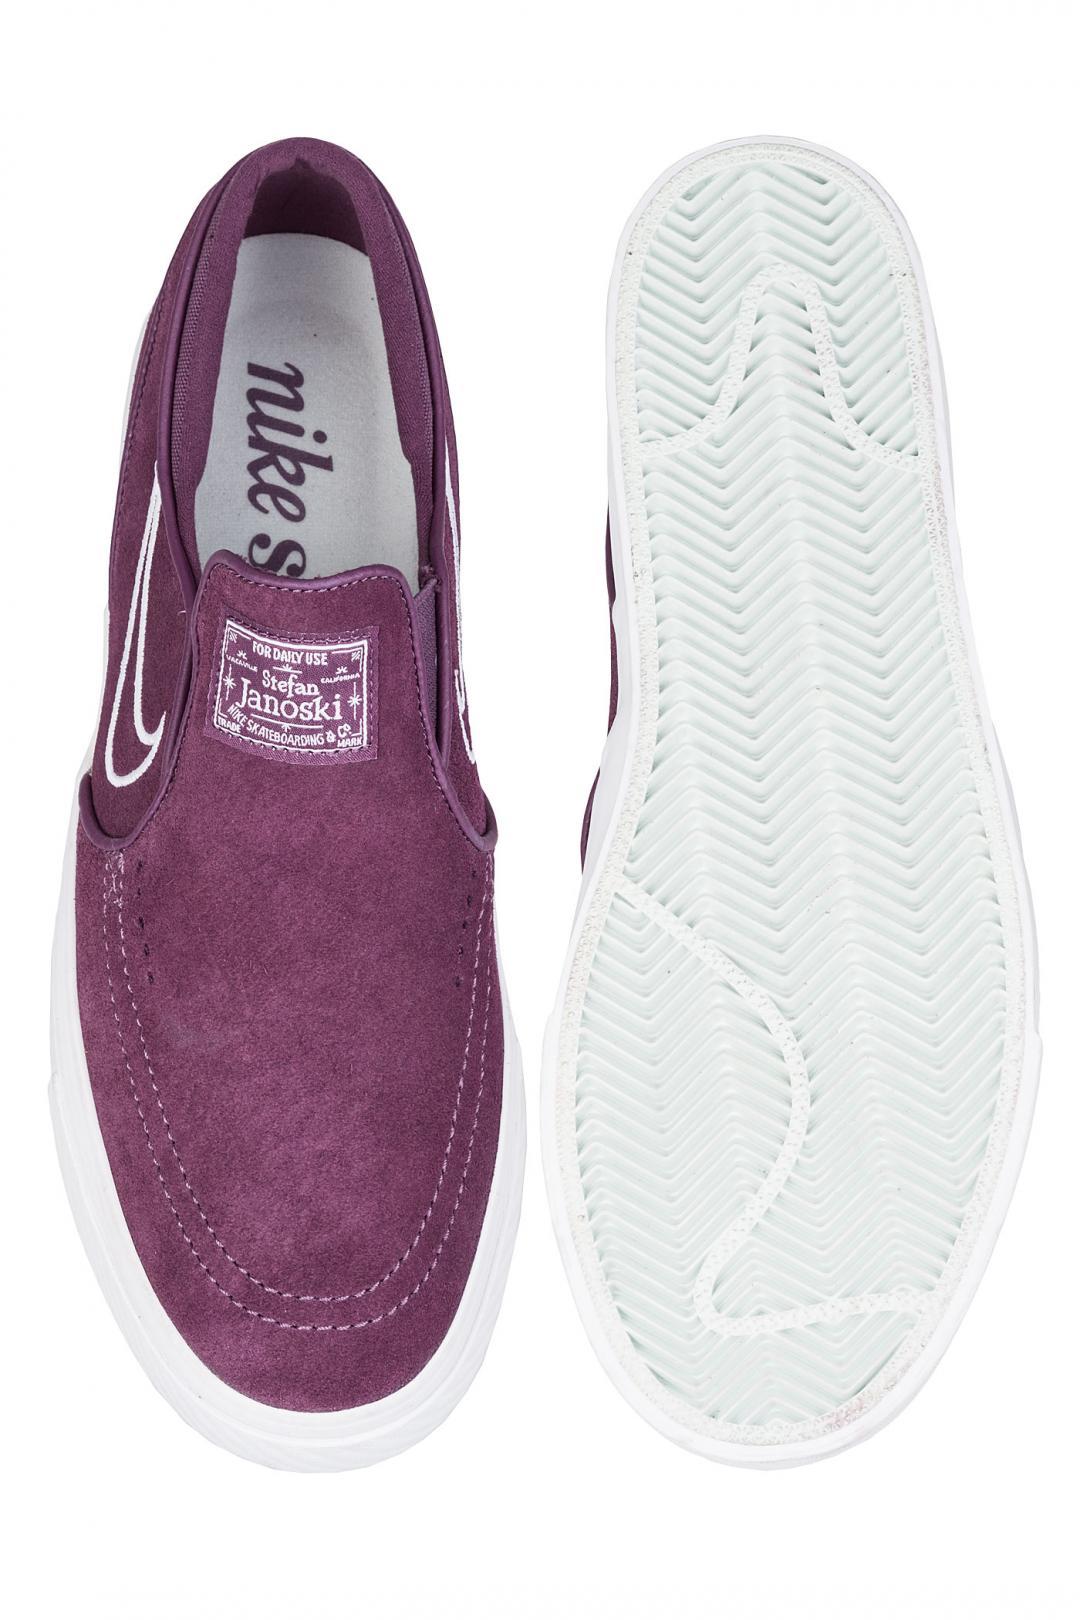 Uomo Nike SB Zoom Stefan Janoski Slip pro purple white | Scarpe da skate